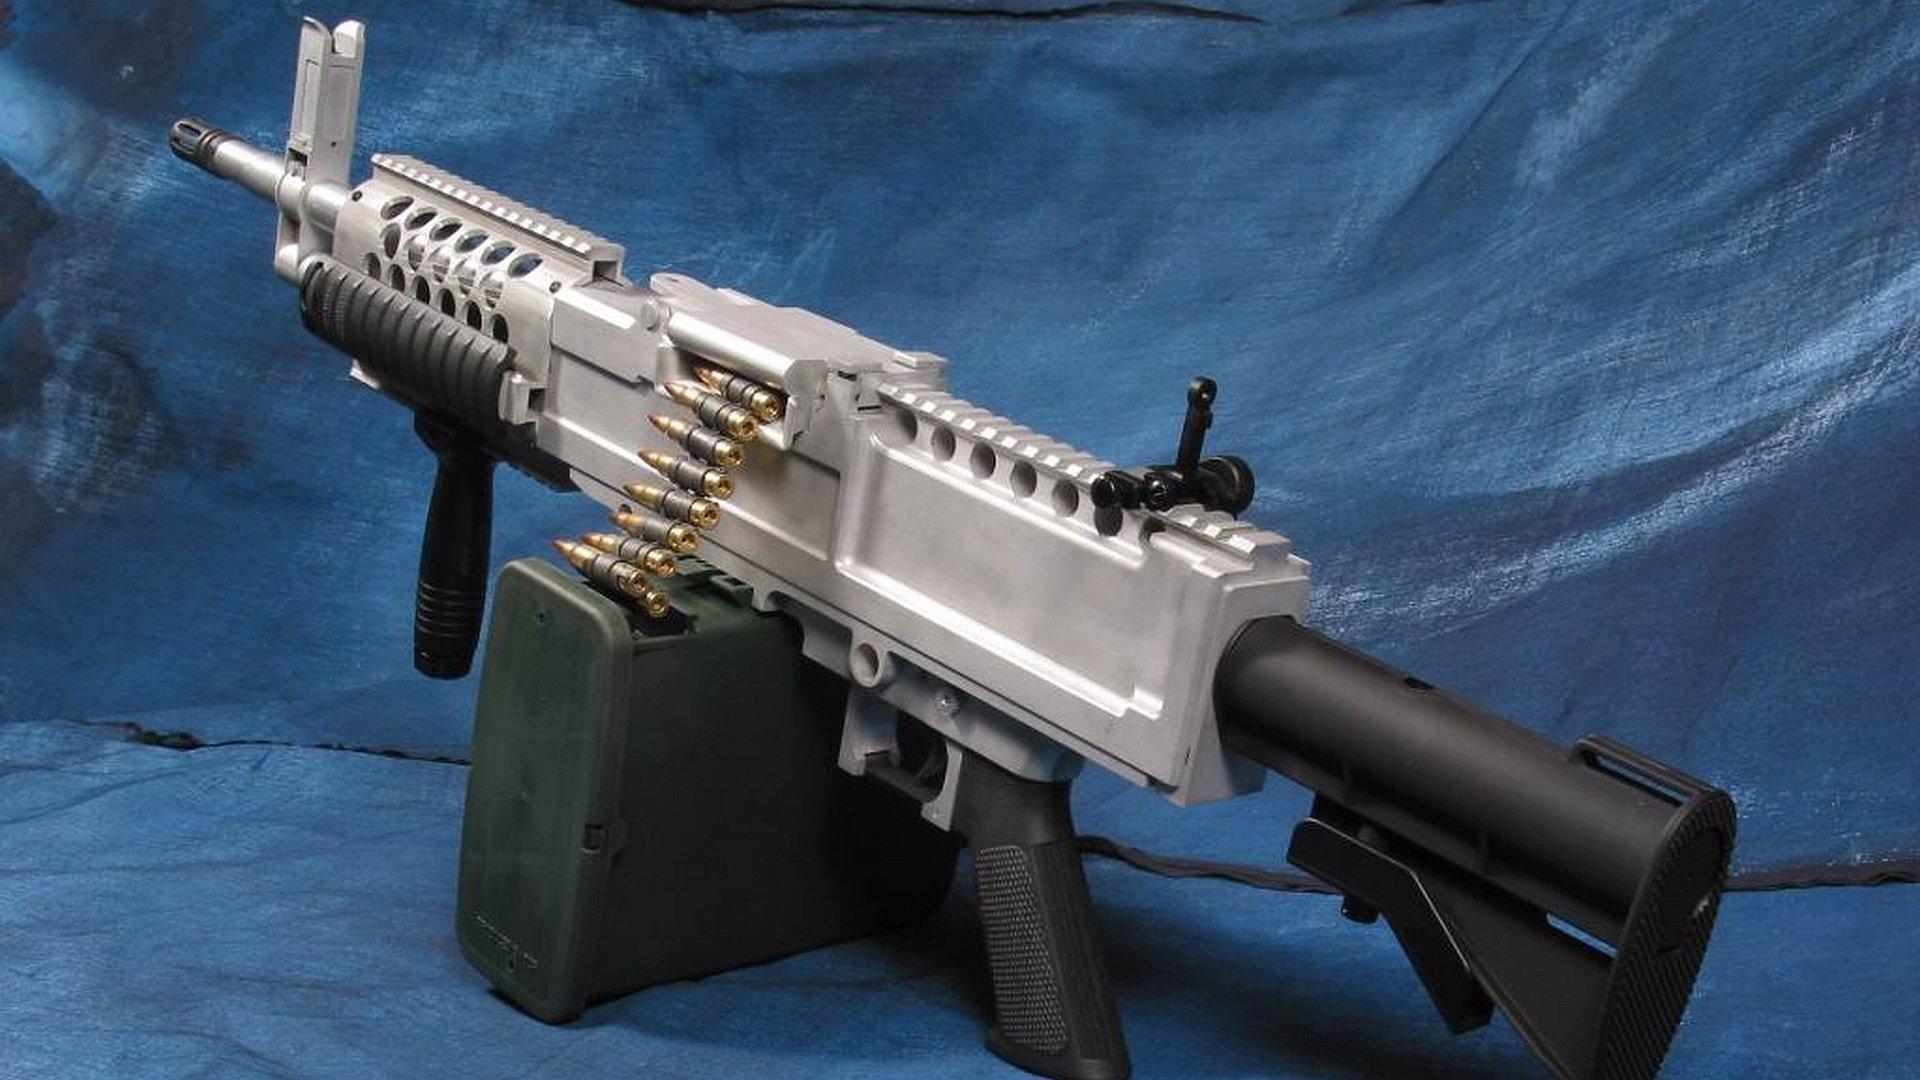 Waffen - Heavy Machine Gun  Wallpaper